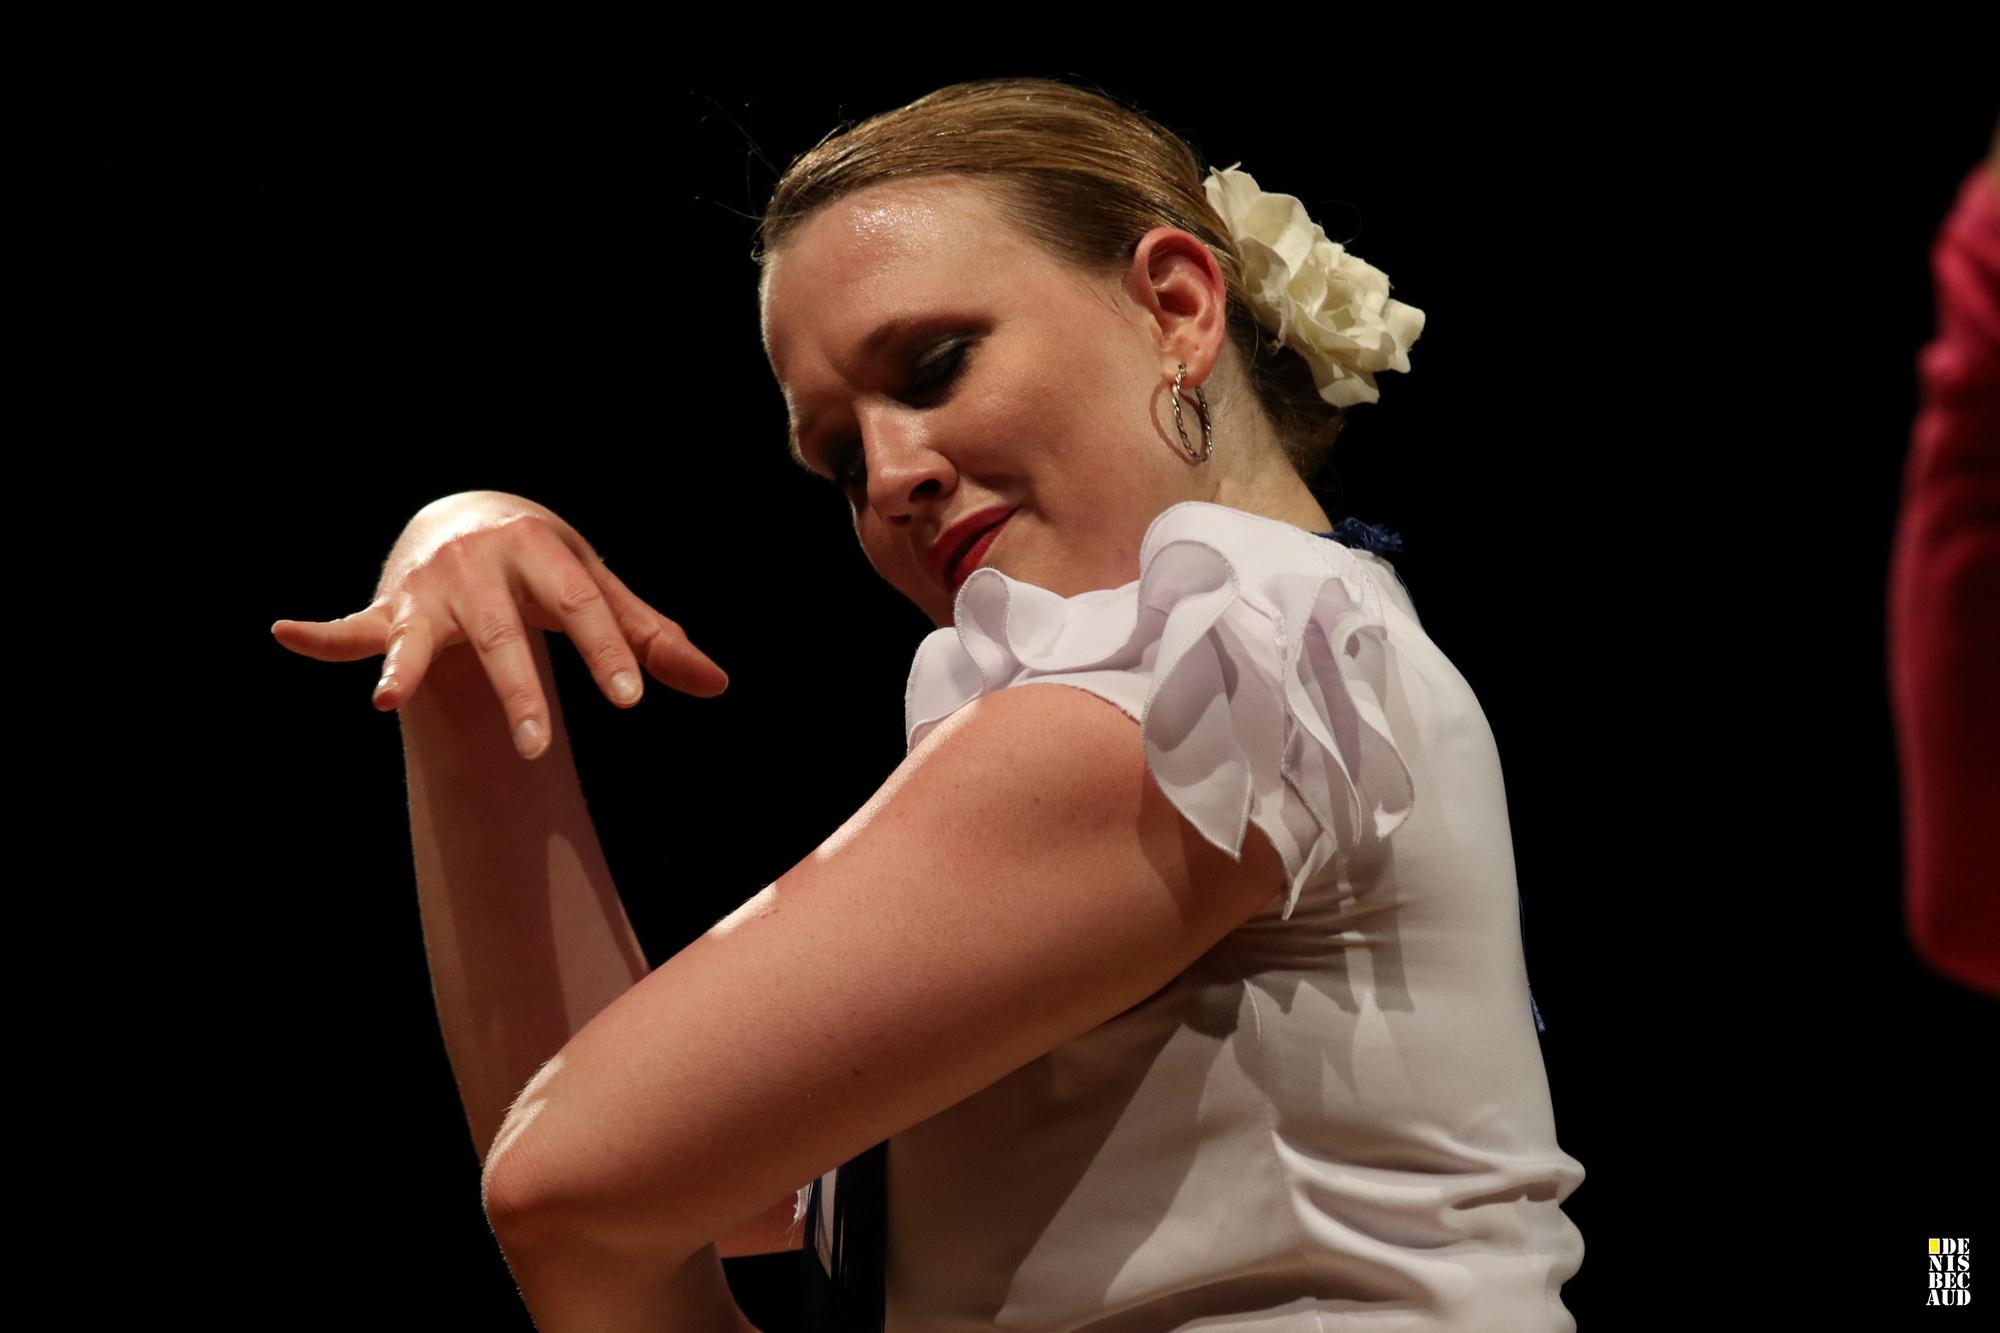 Lisa flamenco